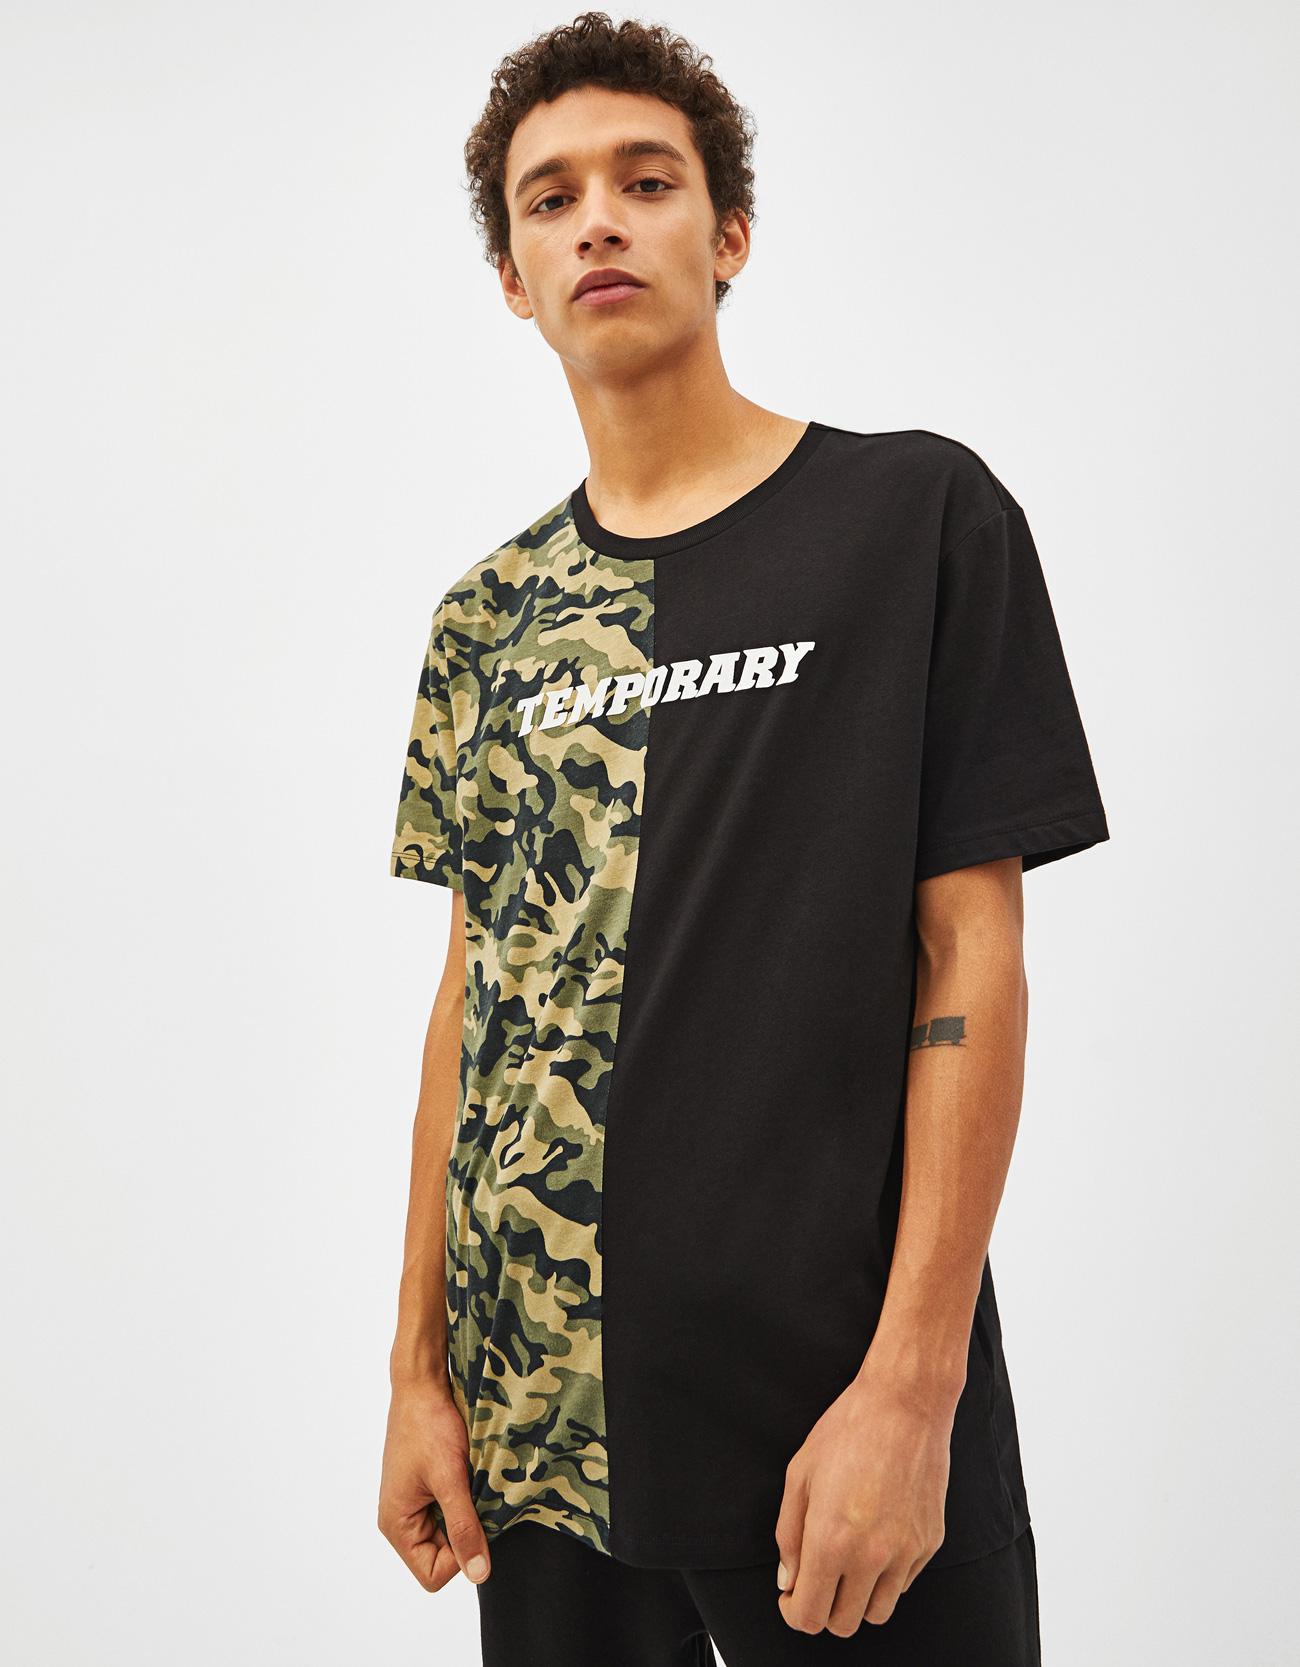 gama muy codiciada de venta más barata color atractivo Camiseta camuflaje color block